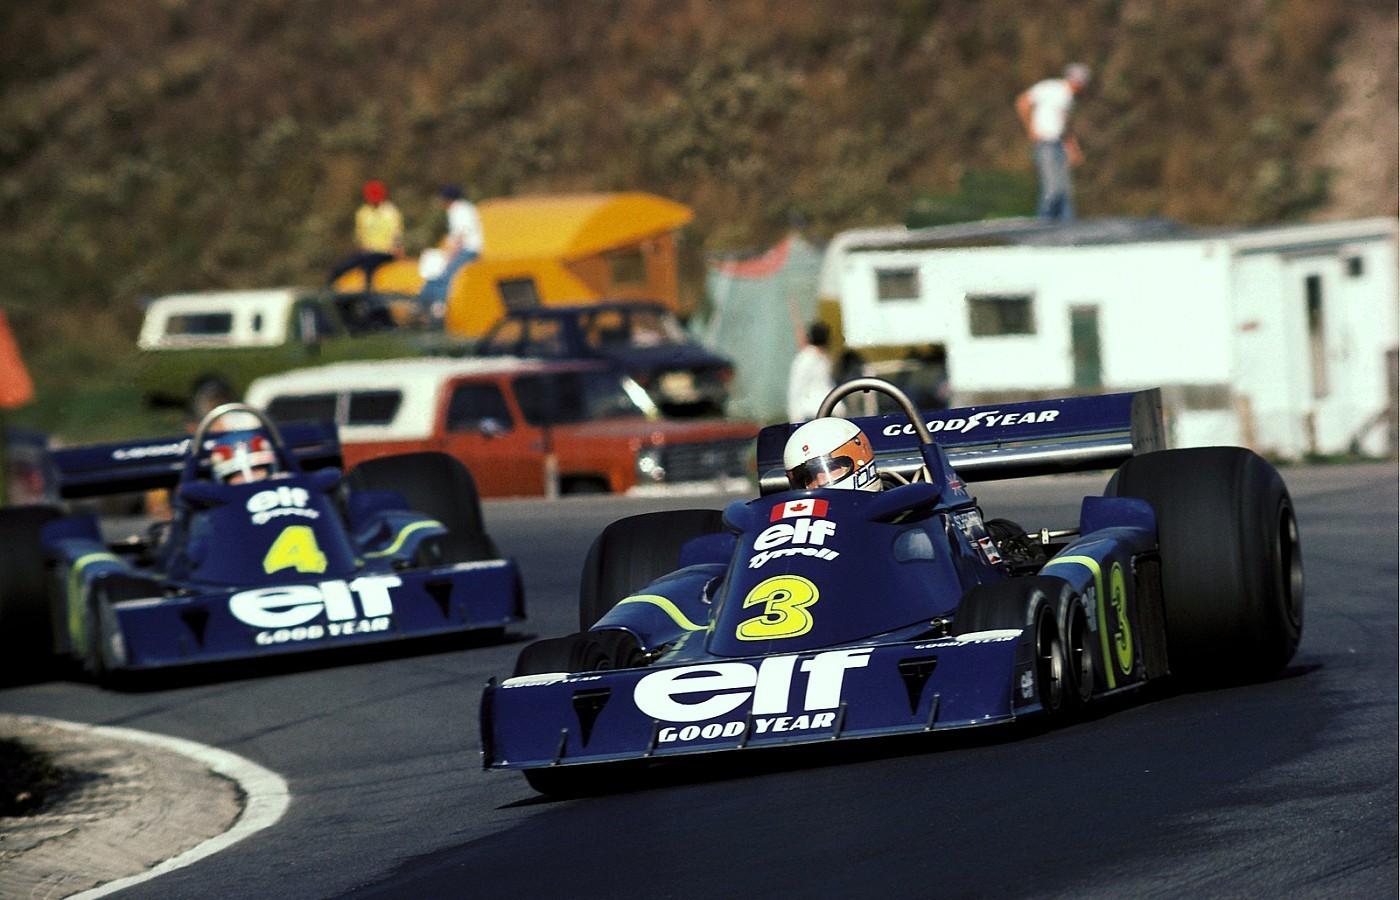 Scheckter skapte historie da han vant et Formel 1 løp i 1976 med en 6-hjulet bil. Her er han og teamkamerat avbildet i Canada GP 1976.